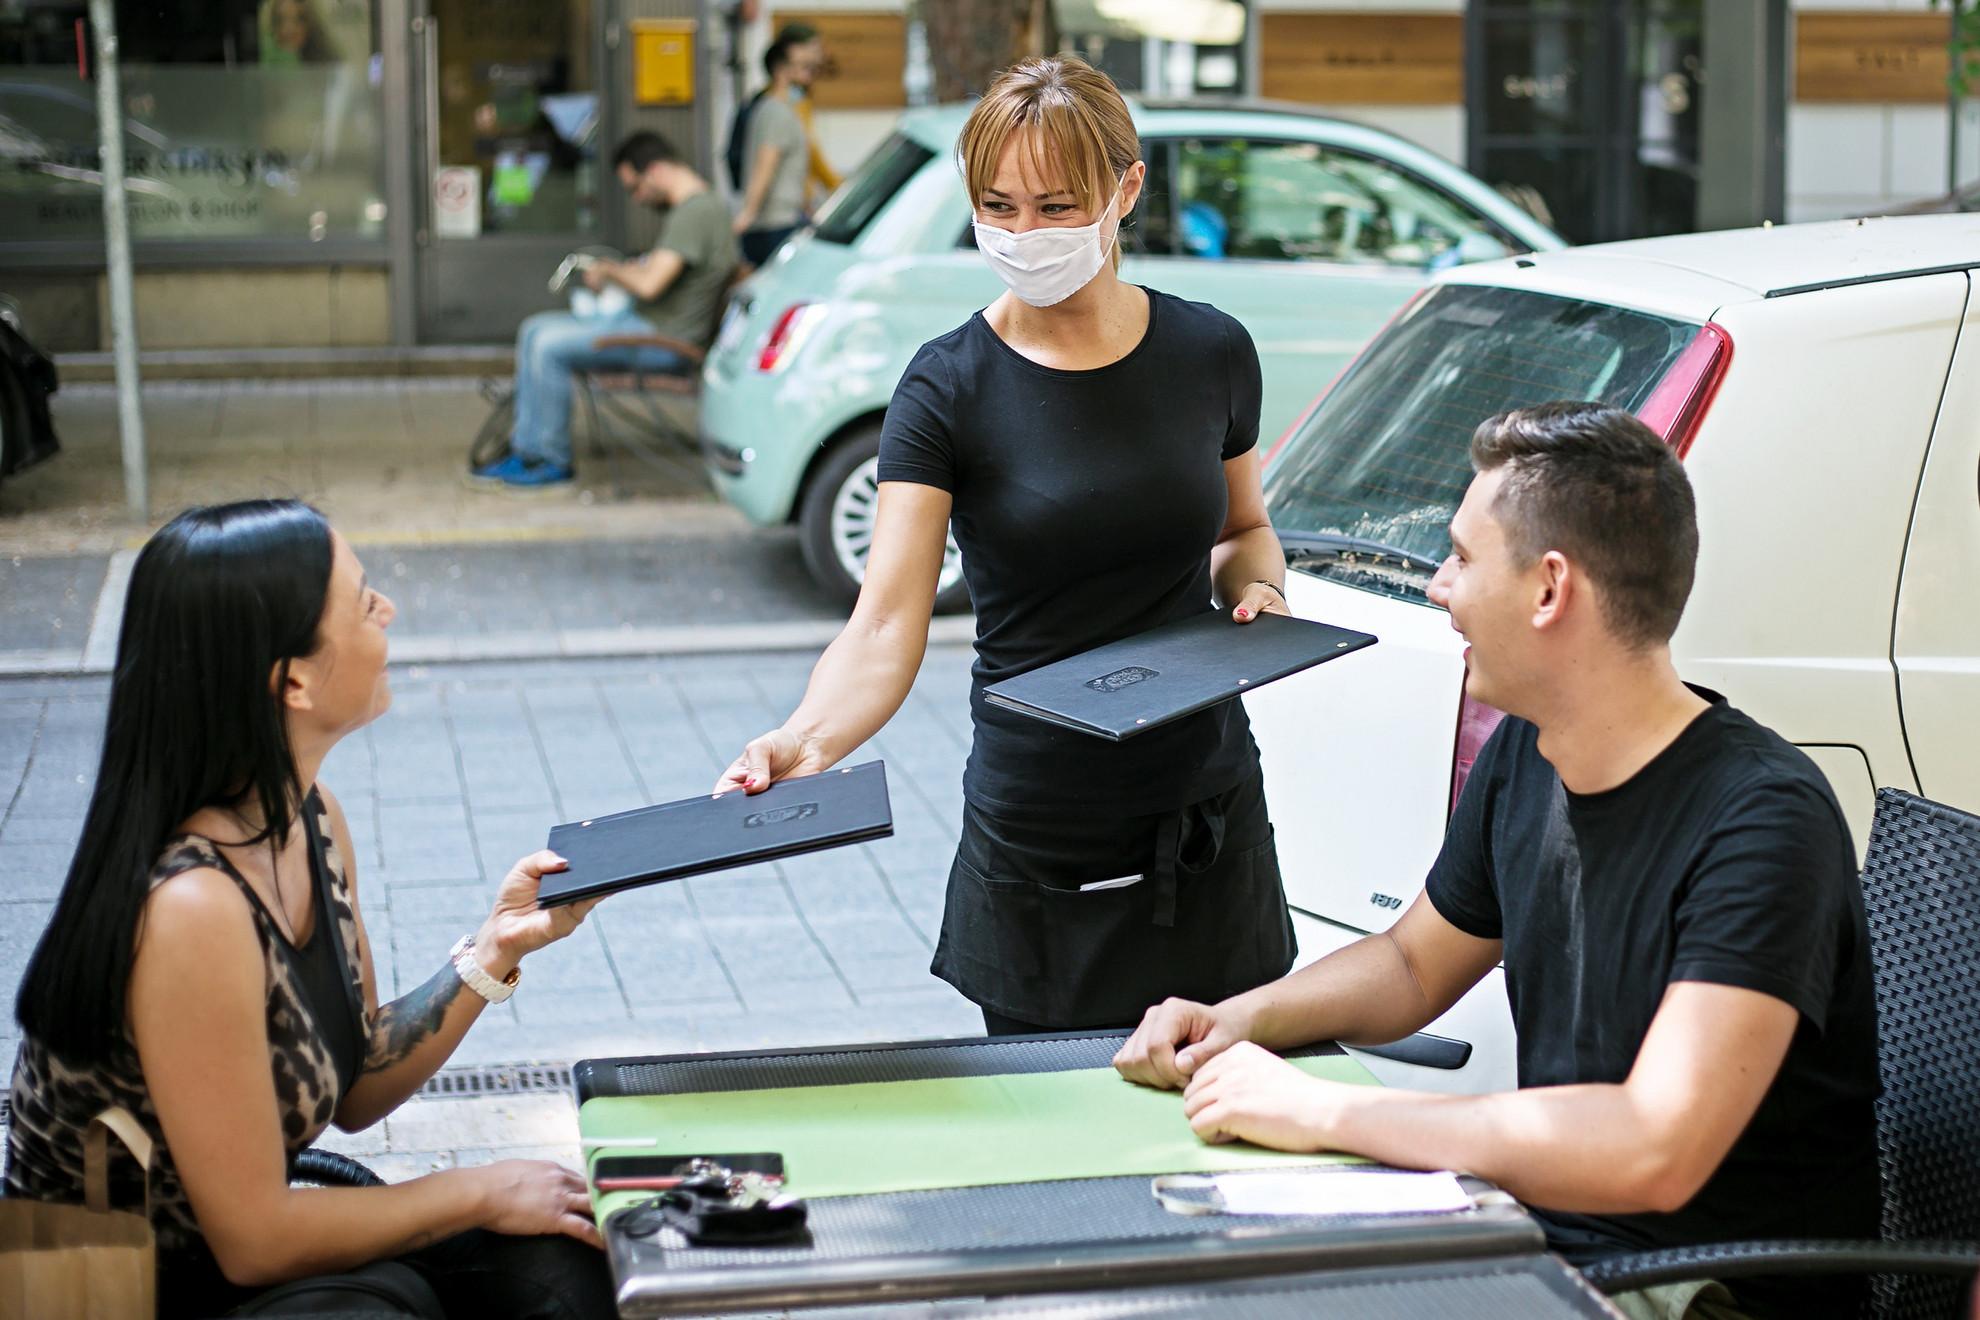 Hétfőtől az ország teljes területén kivezették a kijárási korlátozás szabályait